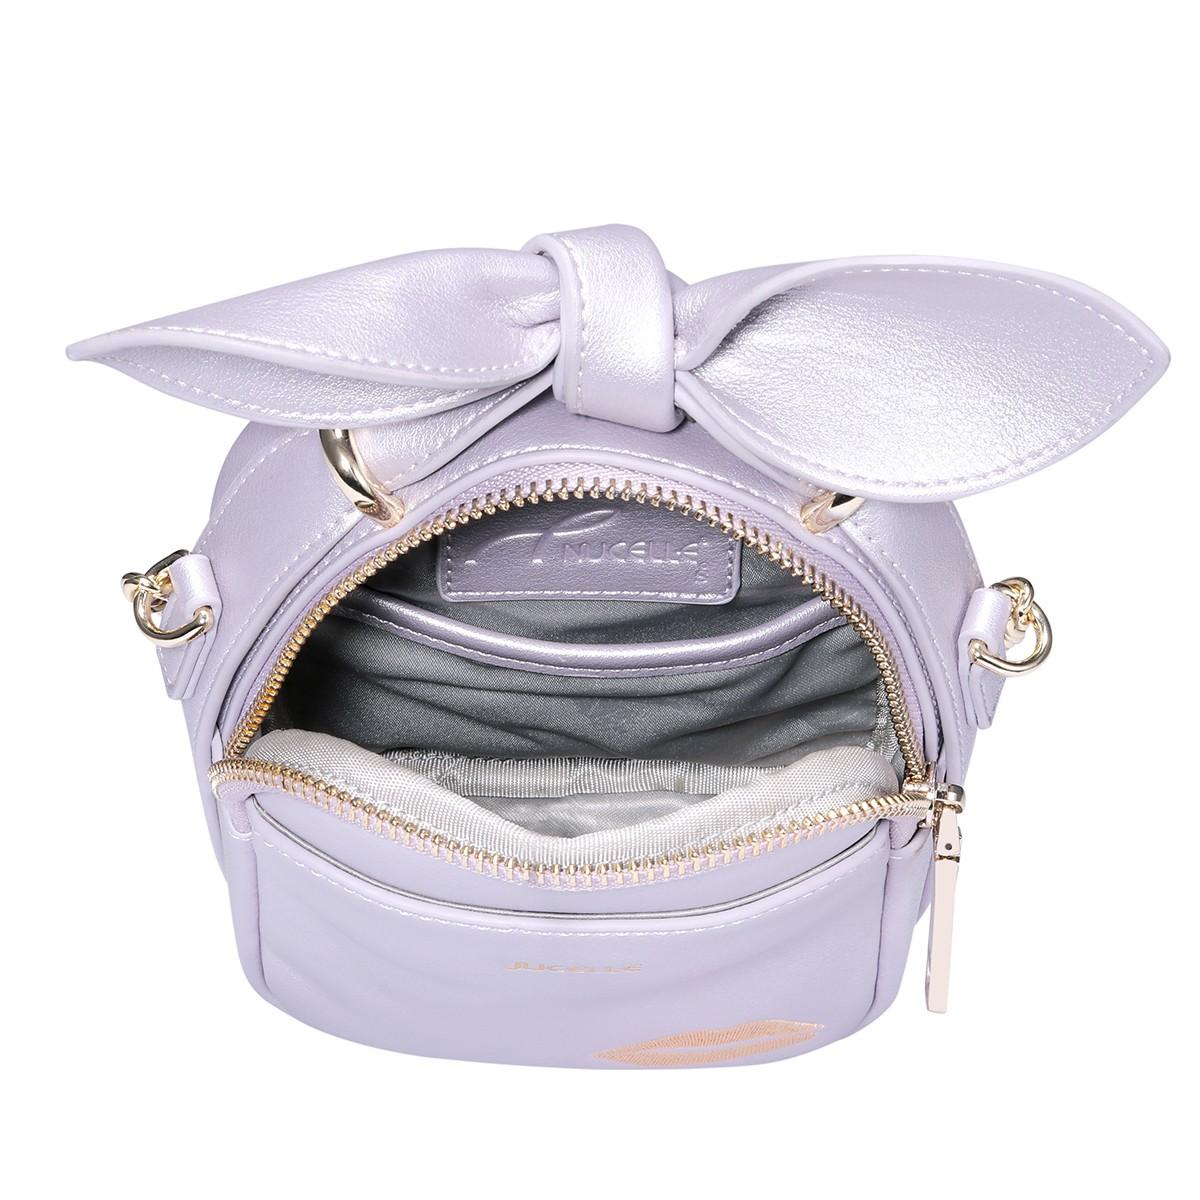 Túi đeo chéo đựng điện thoại Nucelle VG423